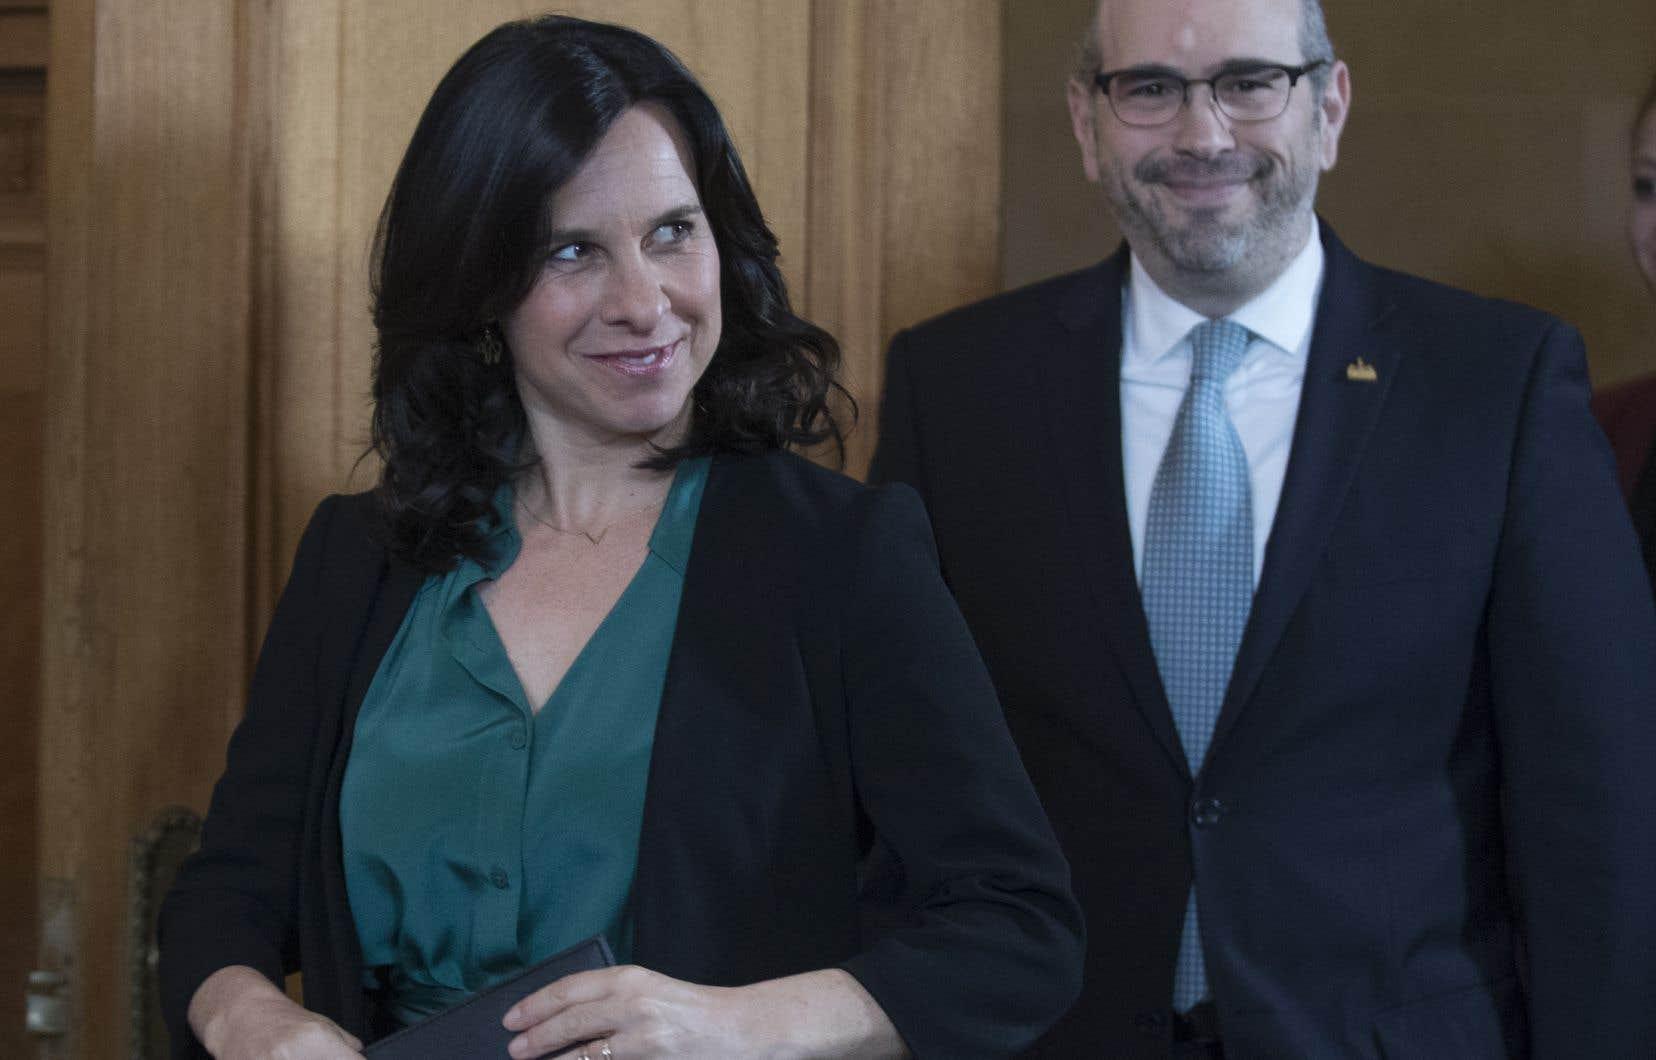 La mairesse Valérie Plante et le chef de l'opposition, Lionel Perez, ont fait une déclaration commune, lundi, en réaction au projet de loi 21. Cette déclaration prône une «laïcité ouverte» et accorde un soutien «indéfectible» aux employés de la Ville à ce chapitre.